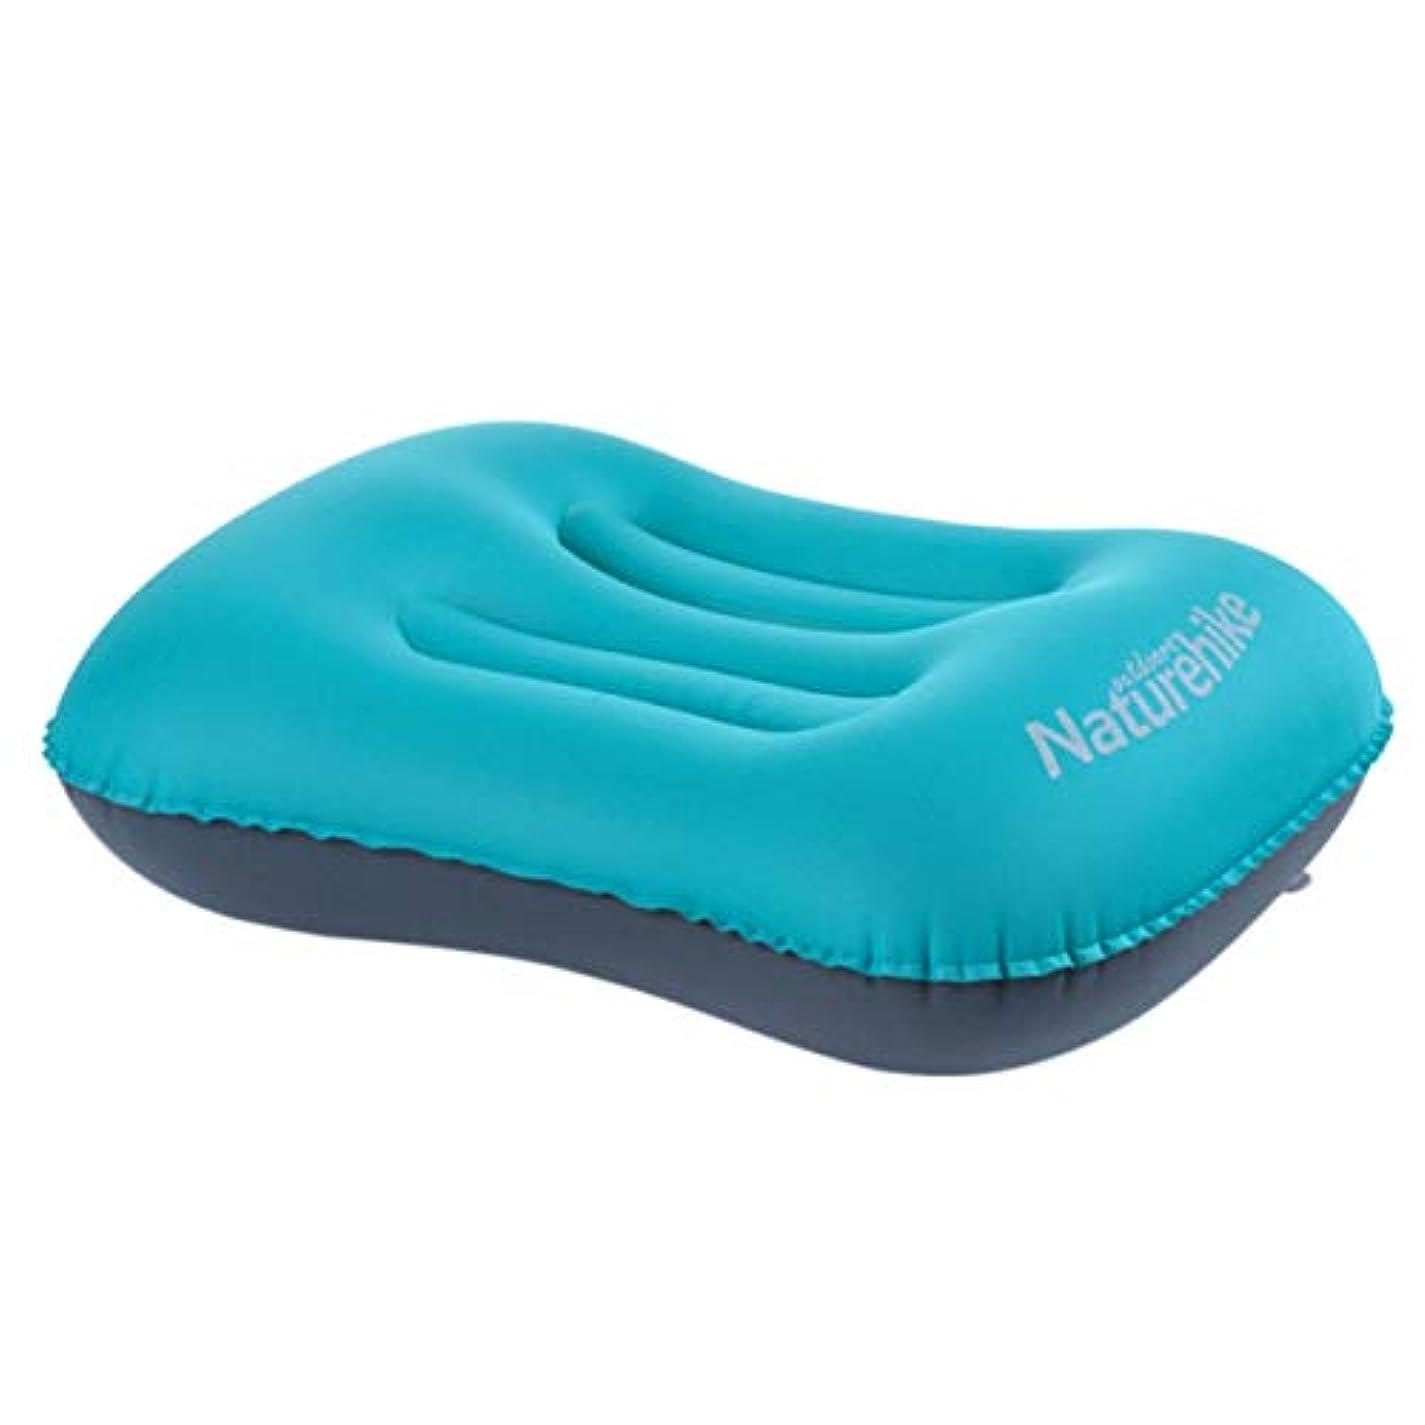 実証する裏切り明確なSaikogoods アウトドアキャンプ旅行 ソフトTPU枕のためのミニトラベルピロー 超軽量のポータブル インフレータブル枕 エアクッション 青